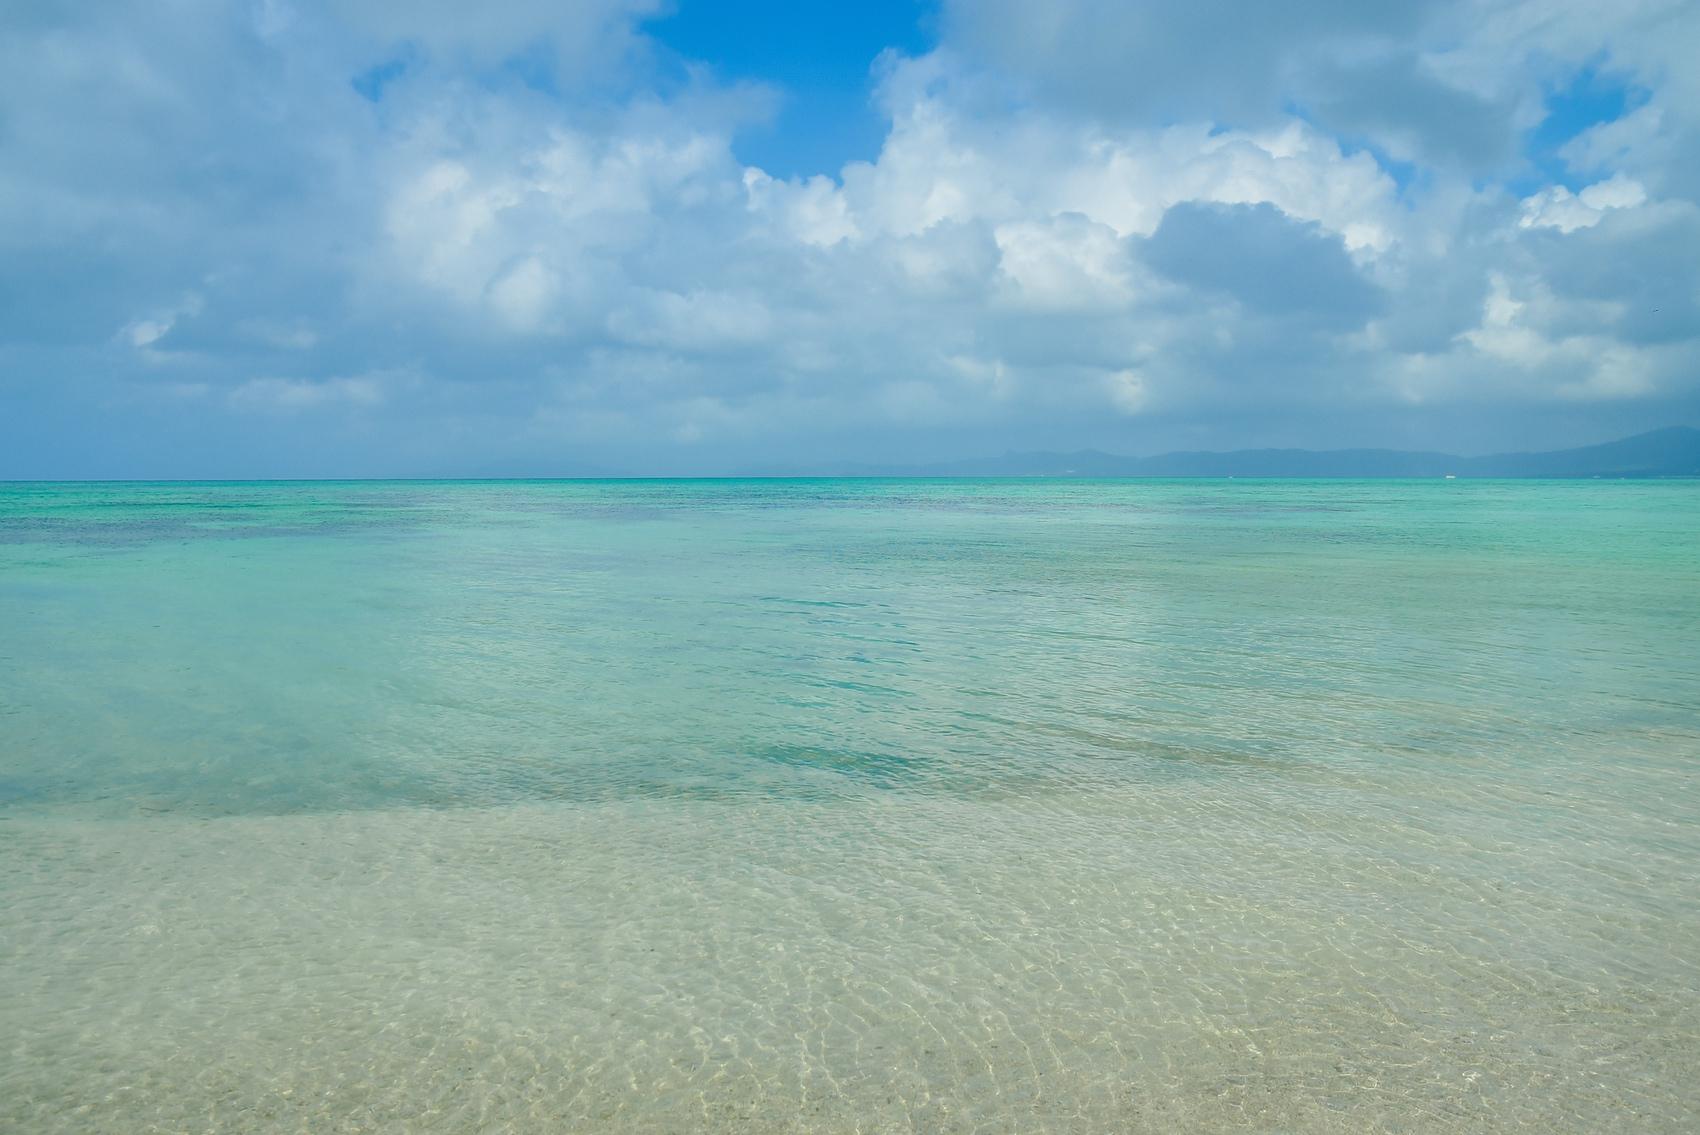 川平タバガーの海